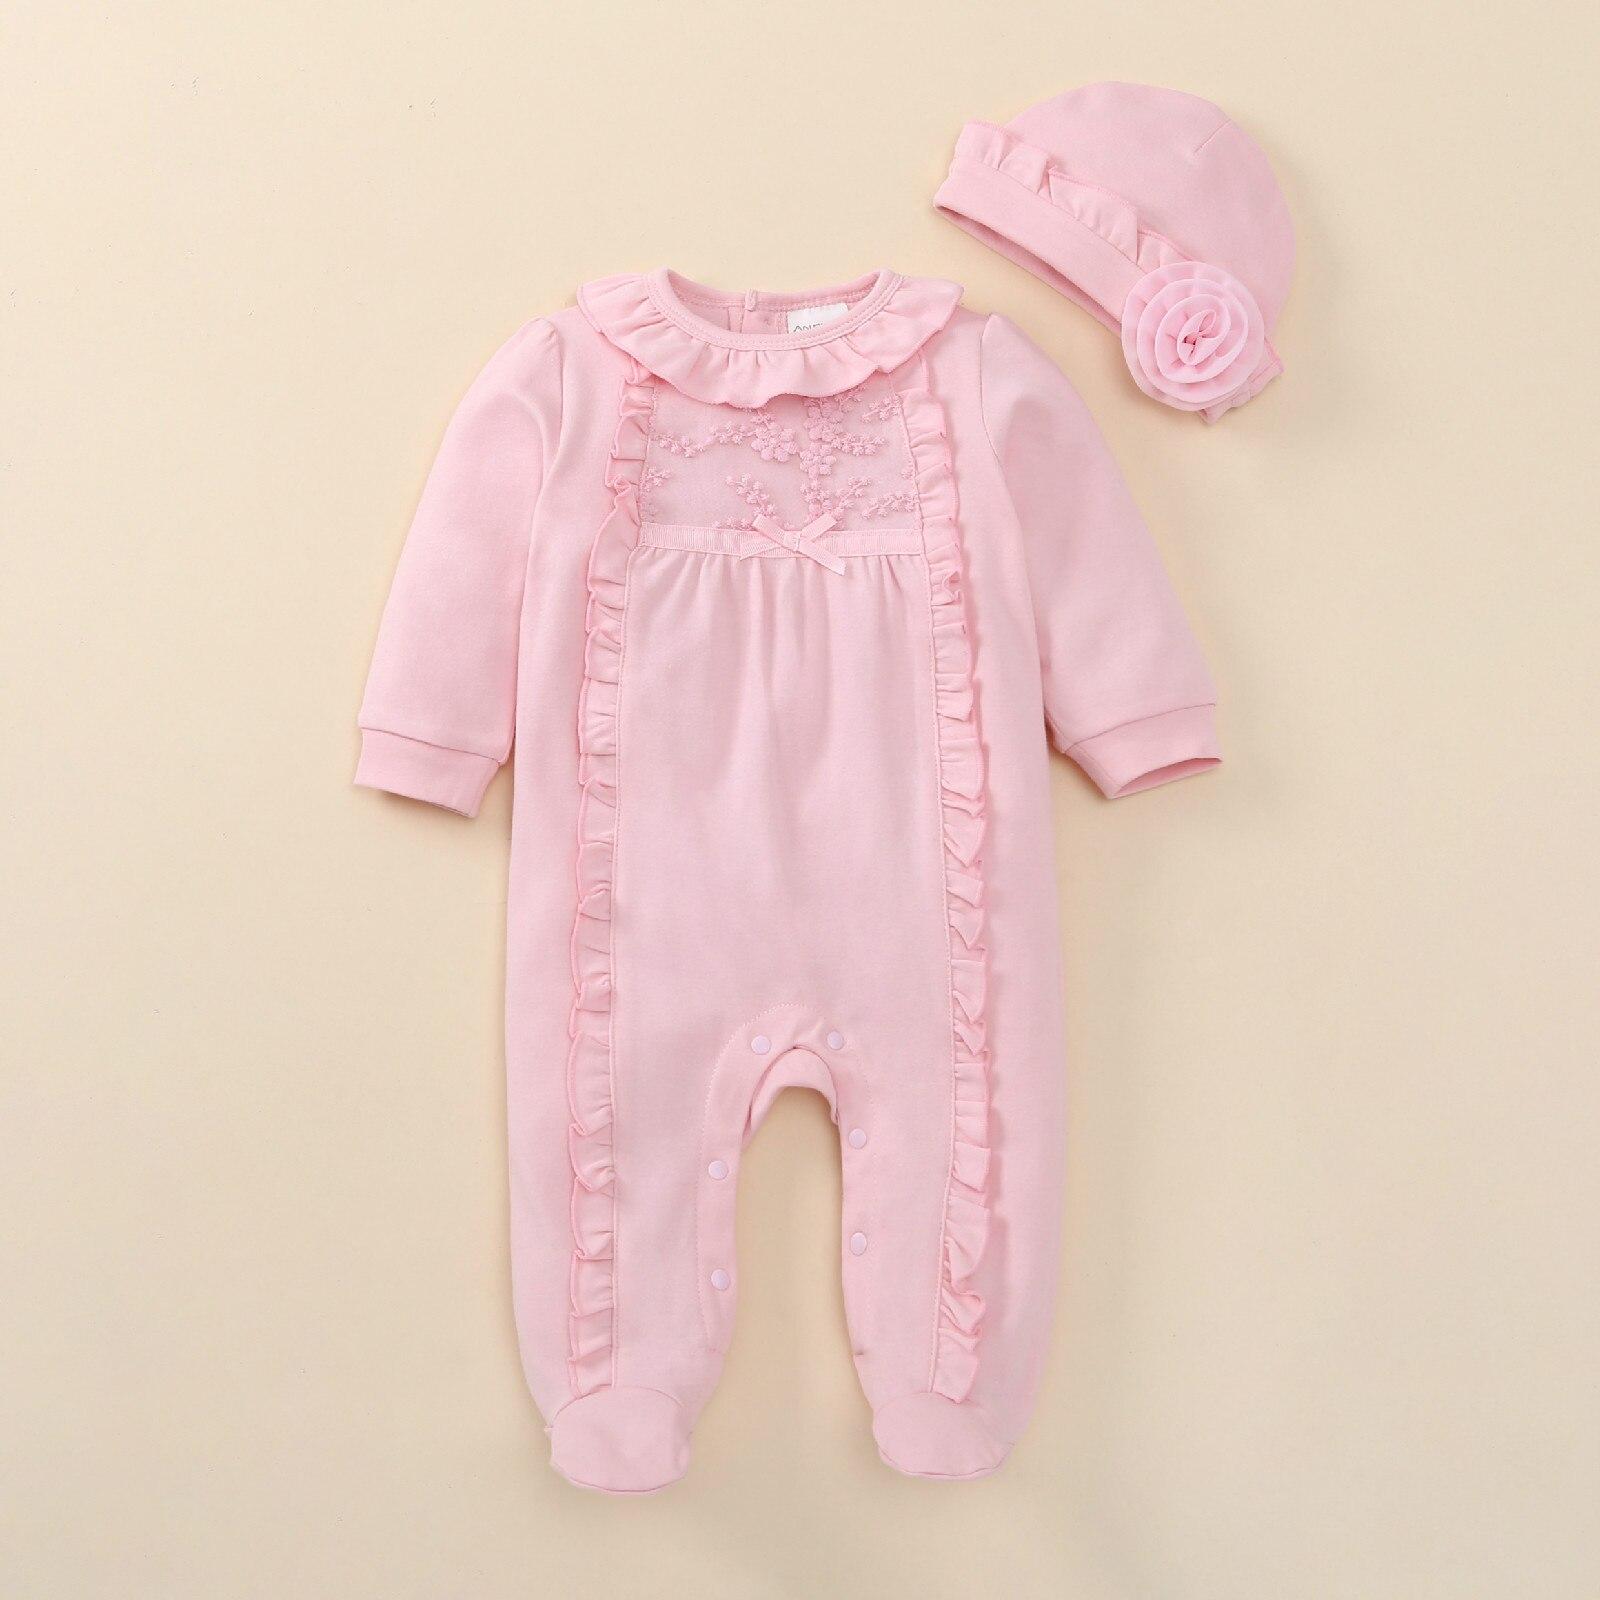 Одежда для новорожденных девочек, Осенний комбинезон с длинными рукавами, хлопковый кружевной комбинезон с шапочкой для маленьких девочек,...